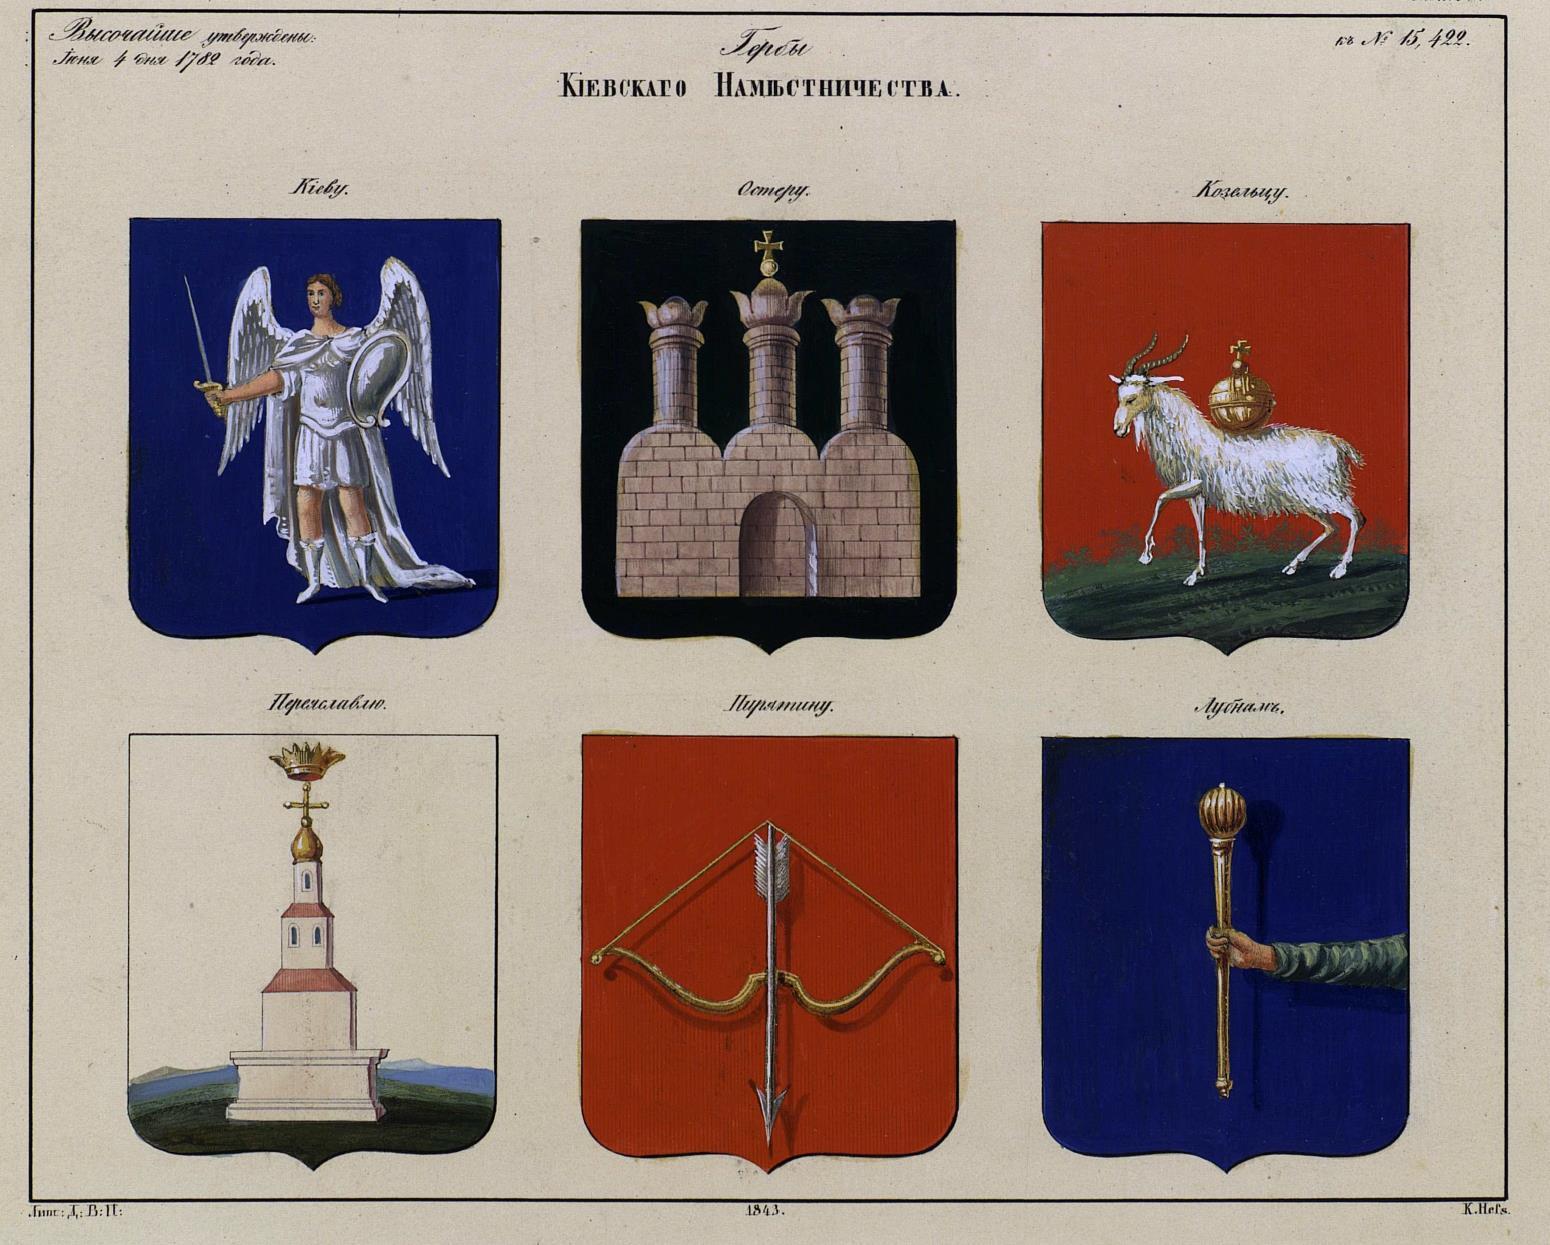 1843. Рисунки гербам городов Российской империи, принадлежащие к 1-му собранию законов. Часть 2